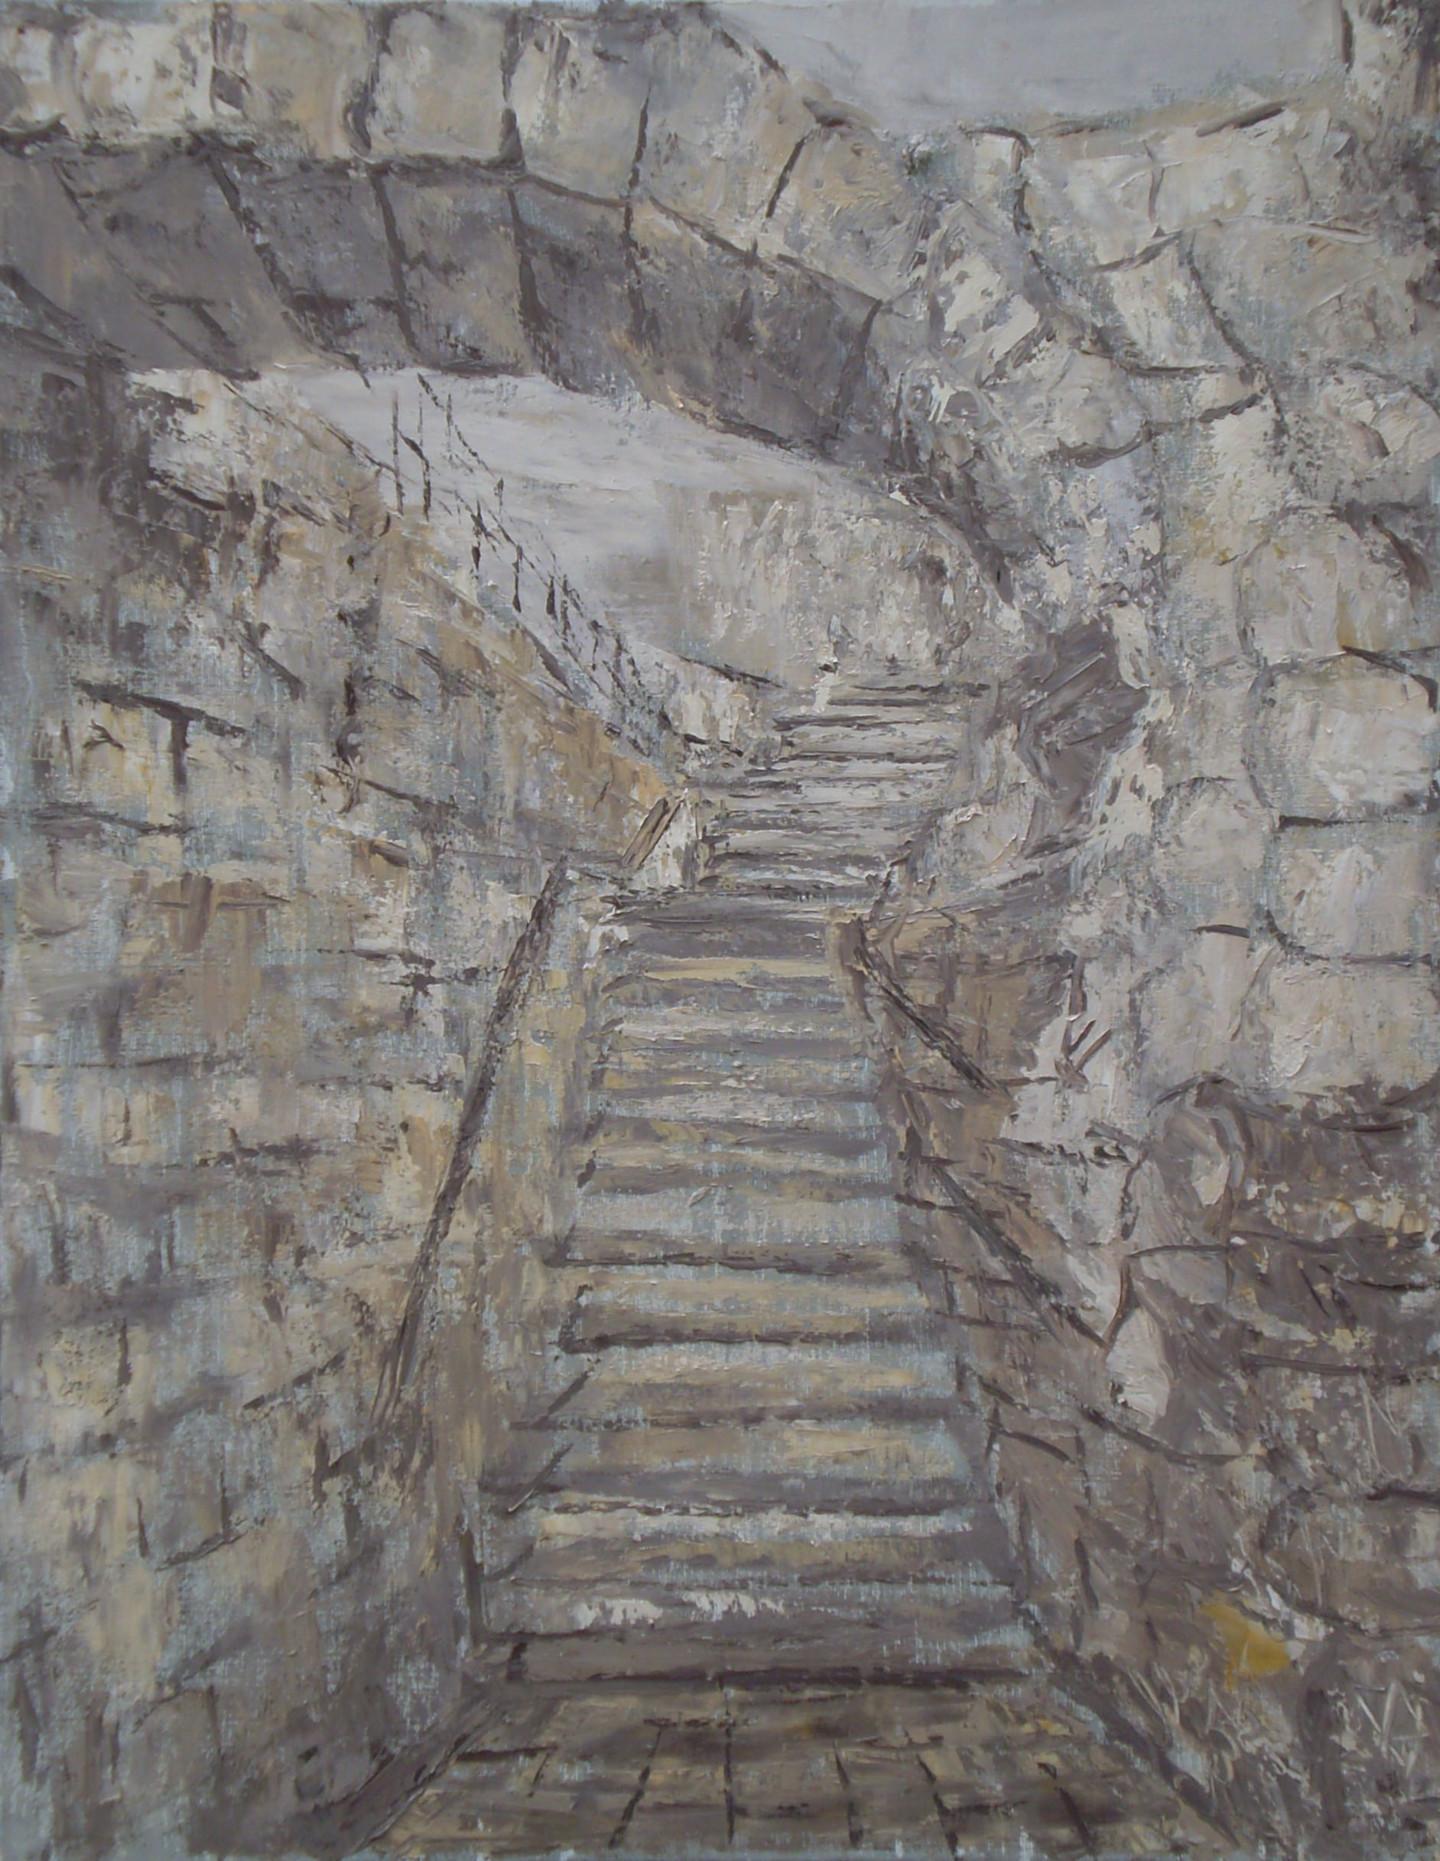 Alla Preobrazhenska-Ronikier - Jerusalem. Stairs